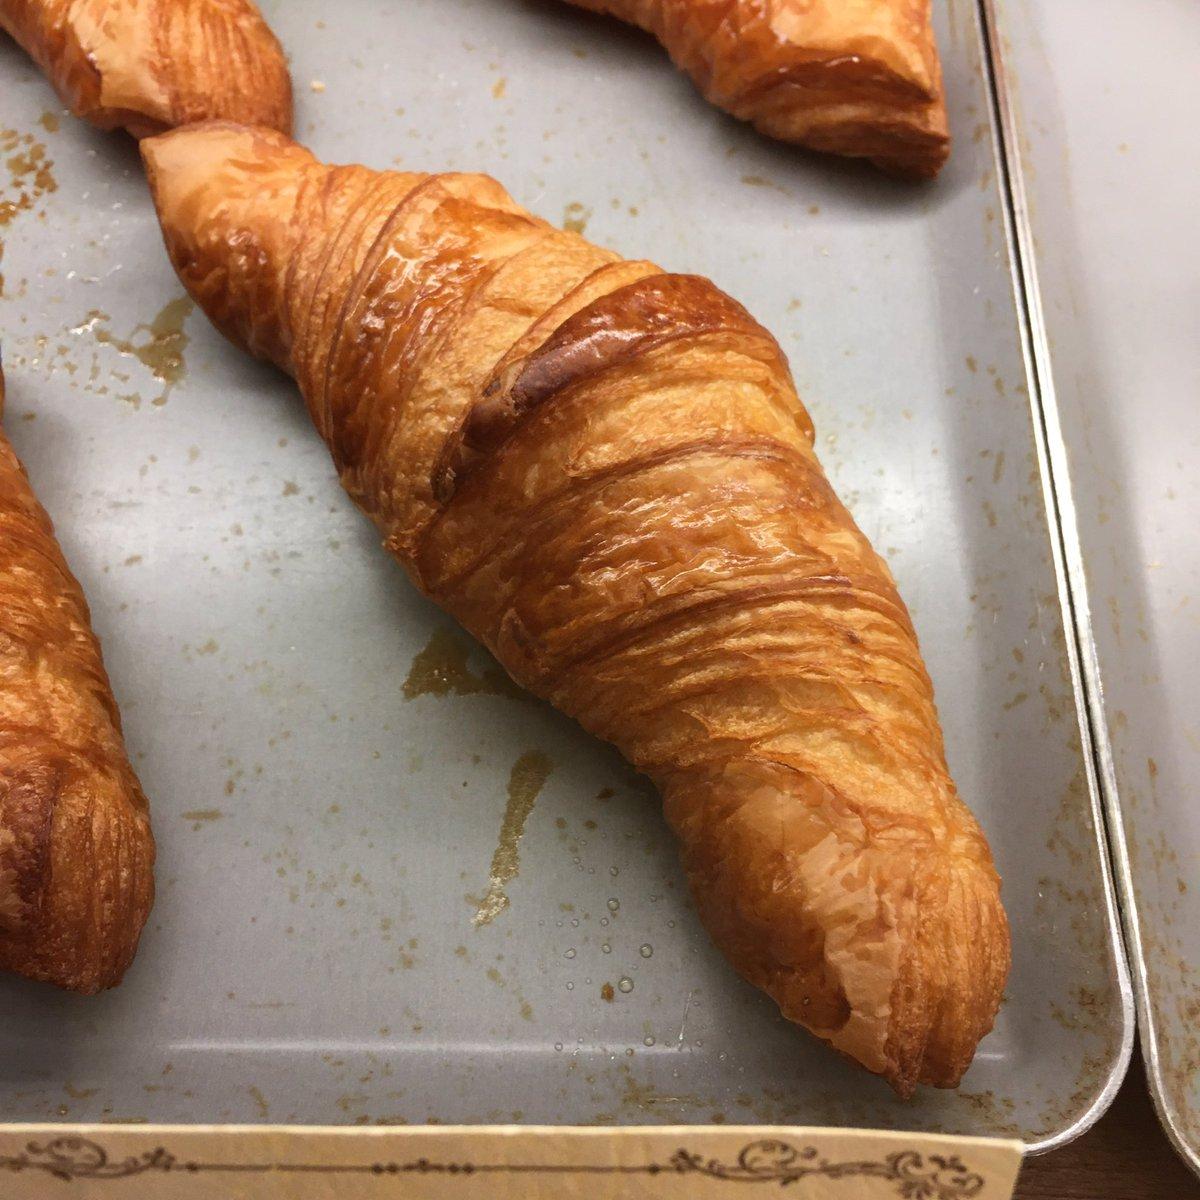 test ツイッターメディア - ・パン屋のモンブラン ・クロワッサン ・クロワッサンショコラ ・くるくるフランク が焼きあがりました(๑・̑◡・̑๑) https://t.co/cJ4KToQn88